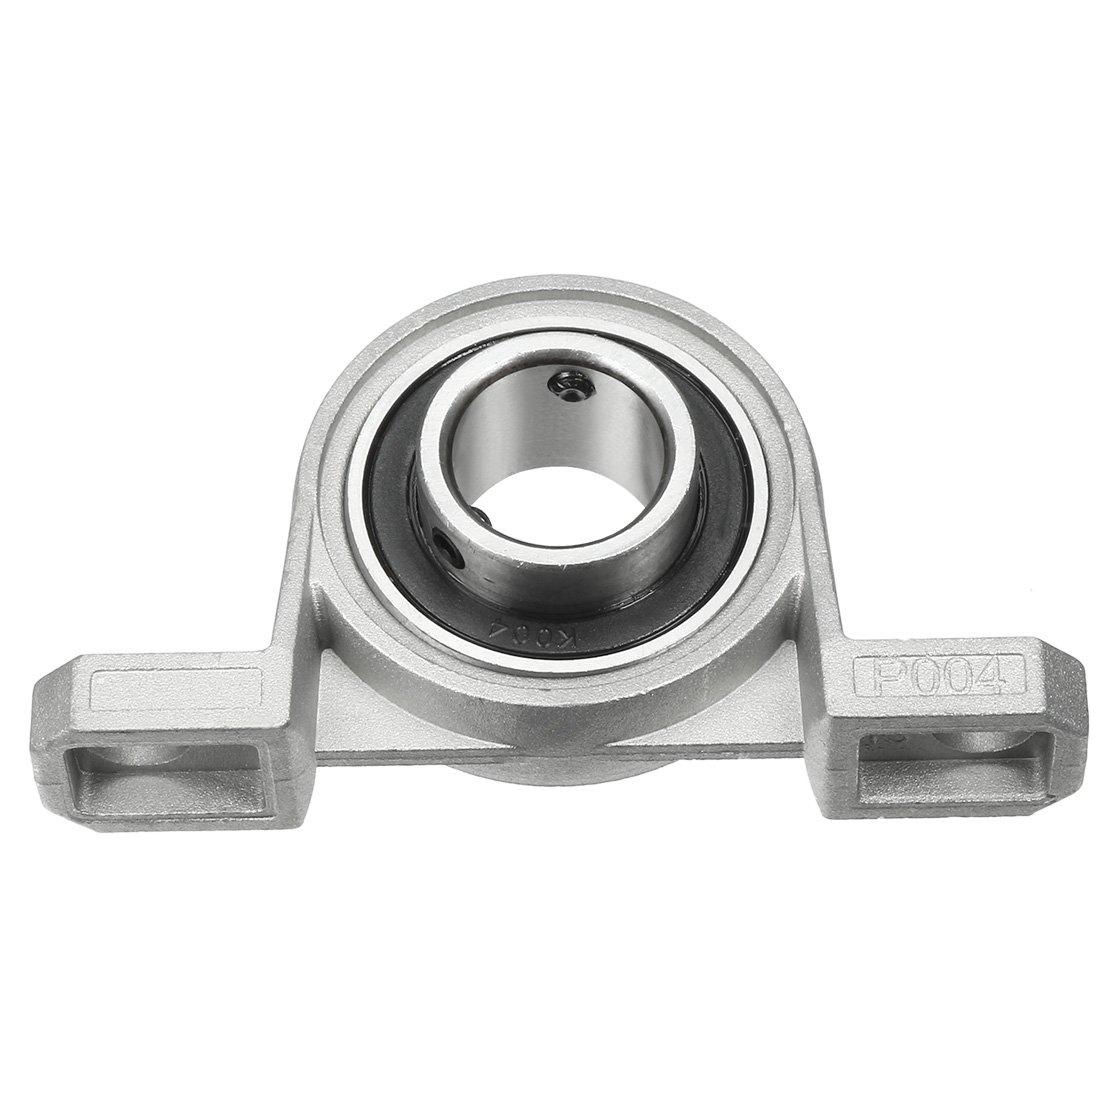 2pcs KP001 12mm al/ésage en alliage de zinc int/érieur mont/é /à bille roulement roulement dinsertion de bloc doreiller